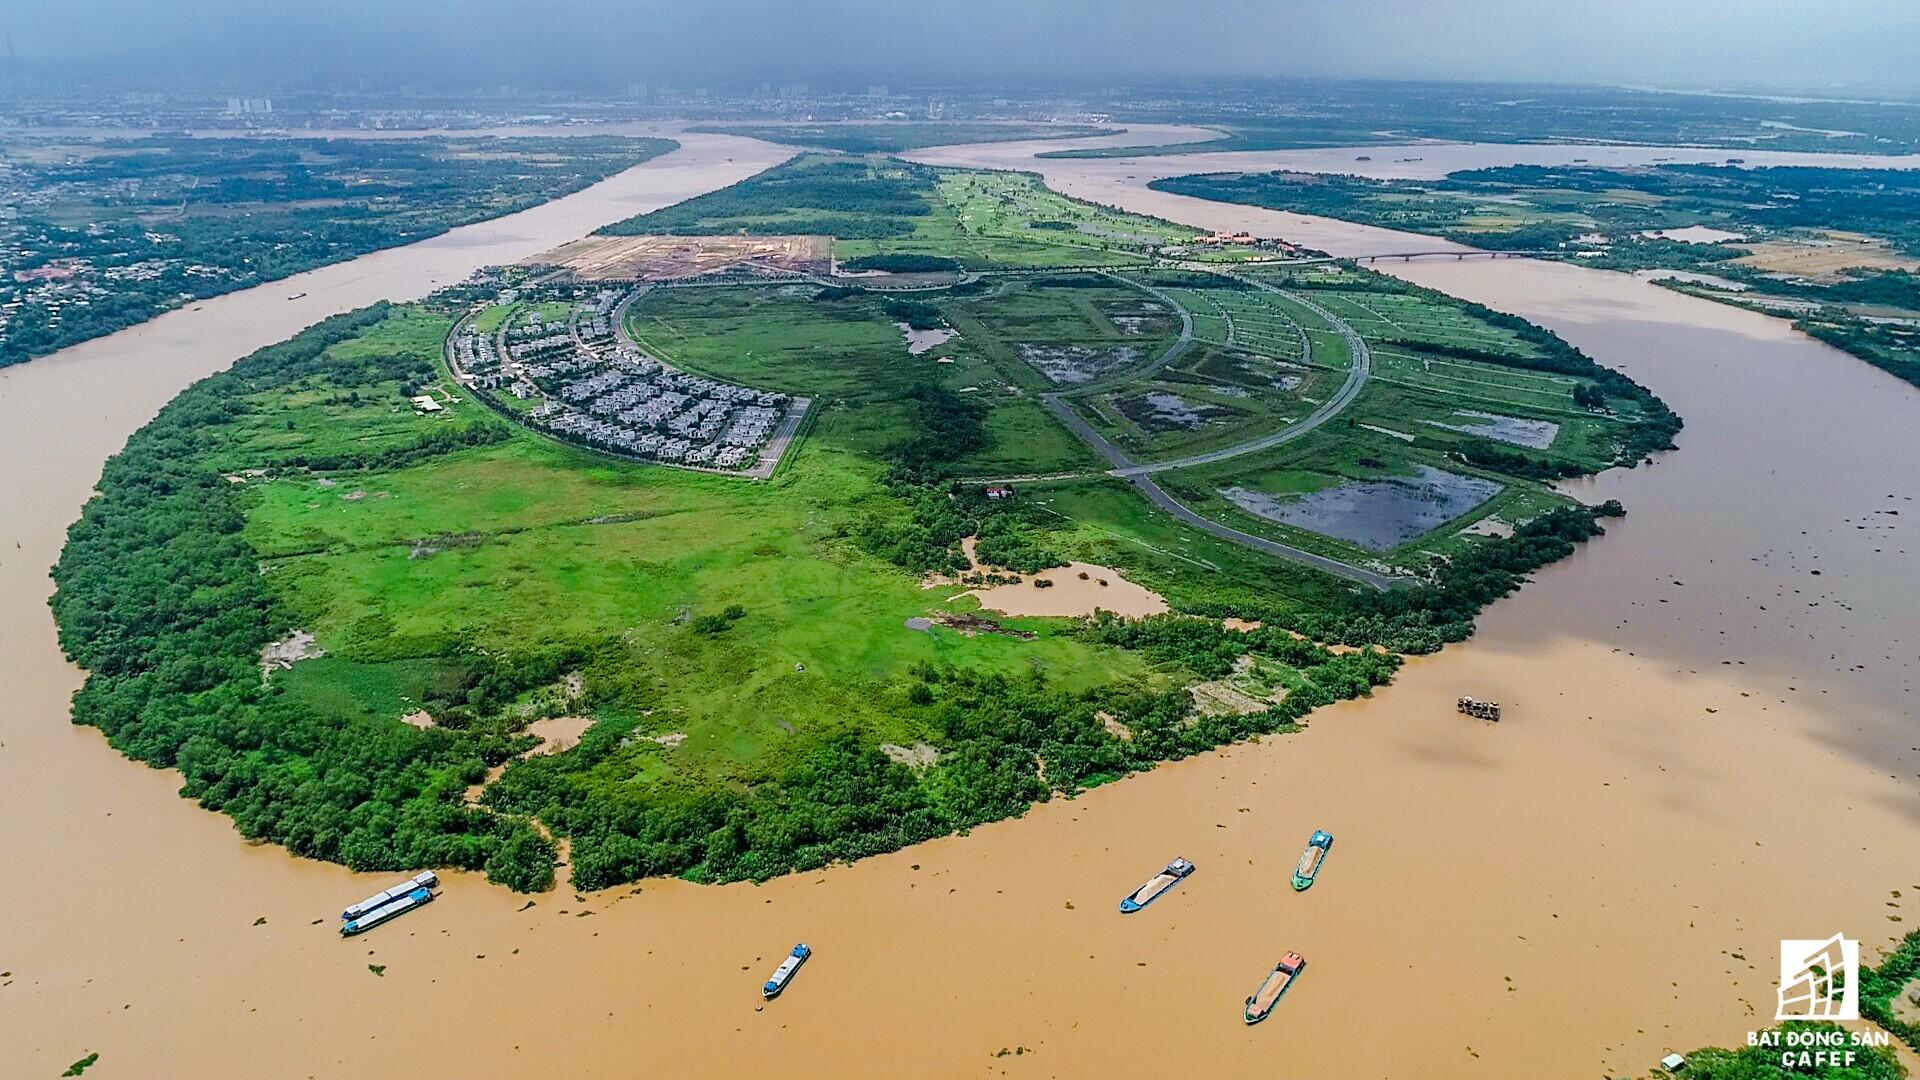 Đồng Nai chốt phương án xây cầu Cát Lái nối Nhơn Trạch và TP.HCM, bức tranh thị trường bất động sản thay đổi chóng mặt - Ảnh 18.